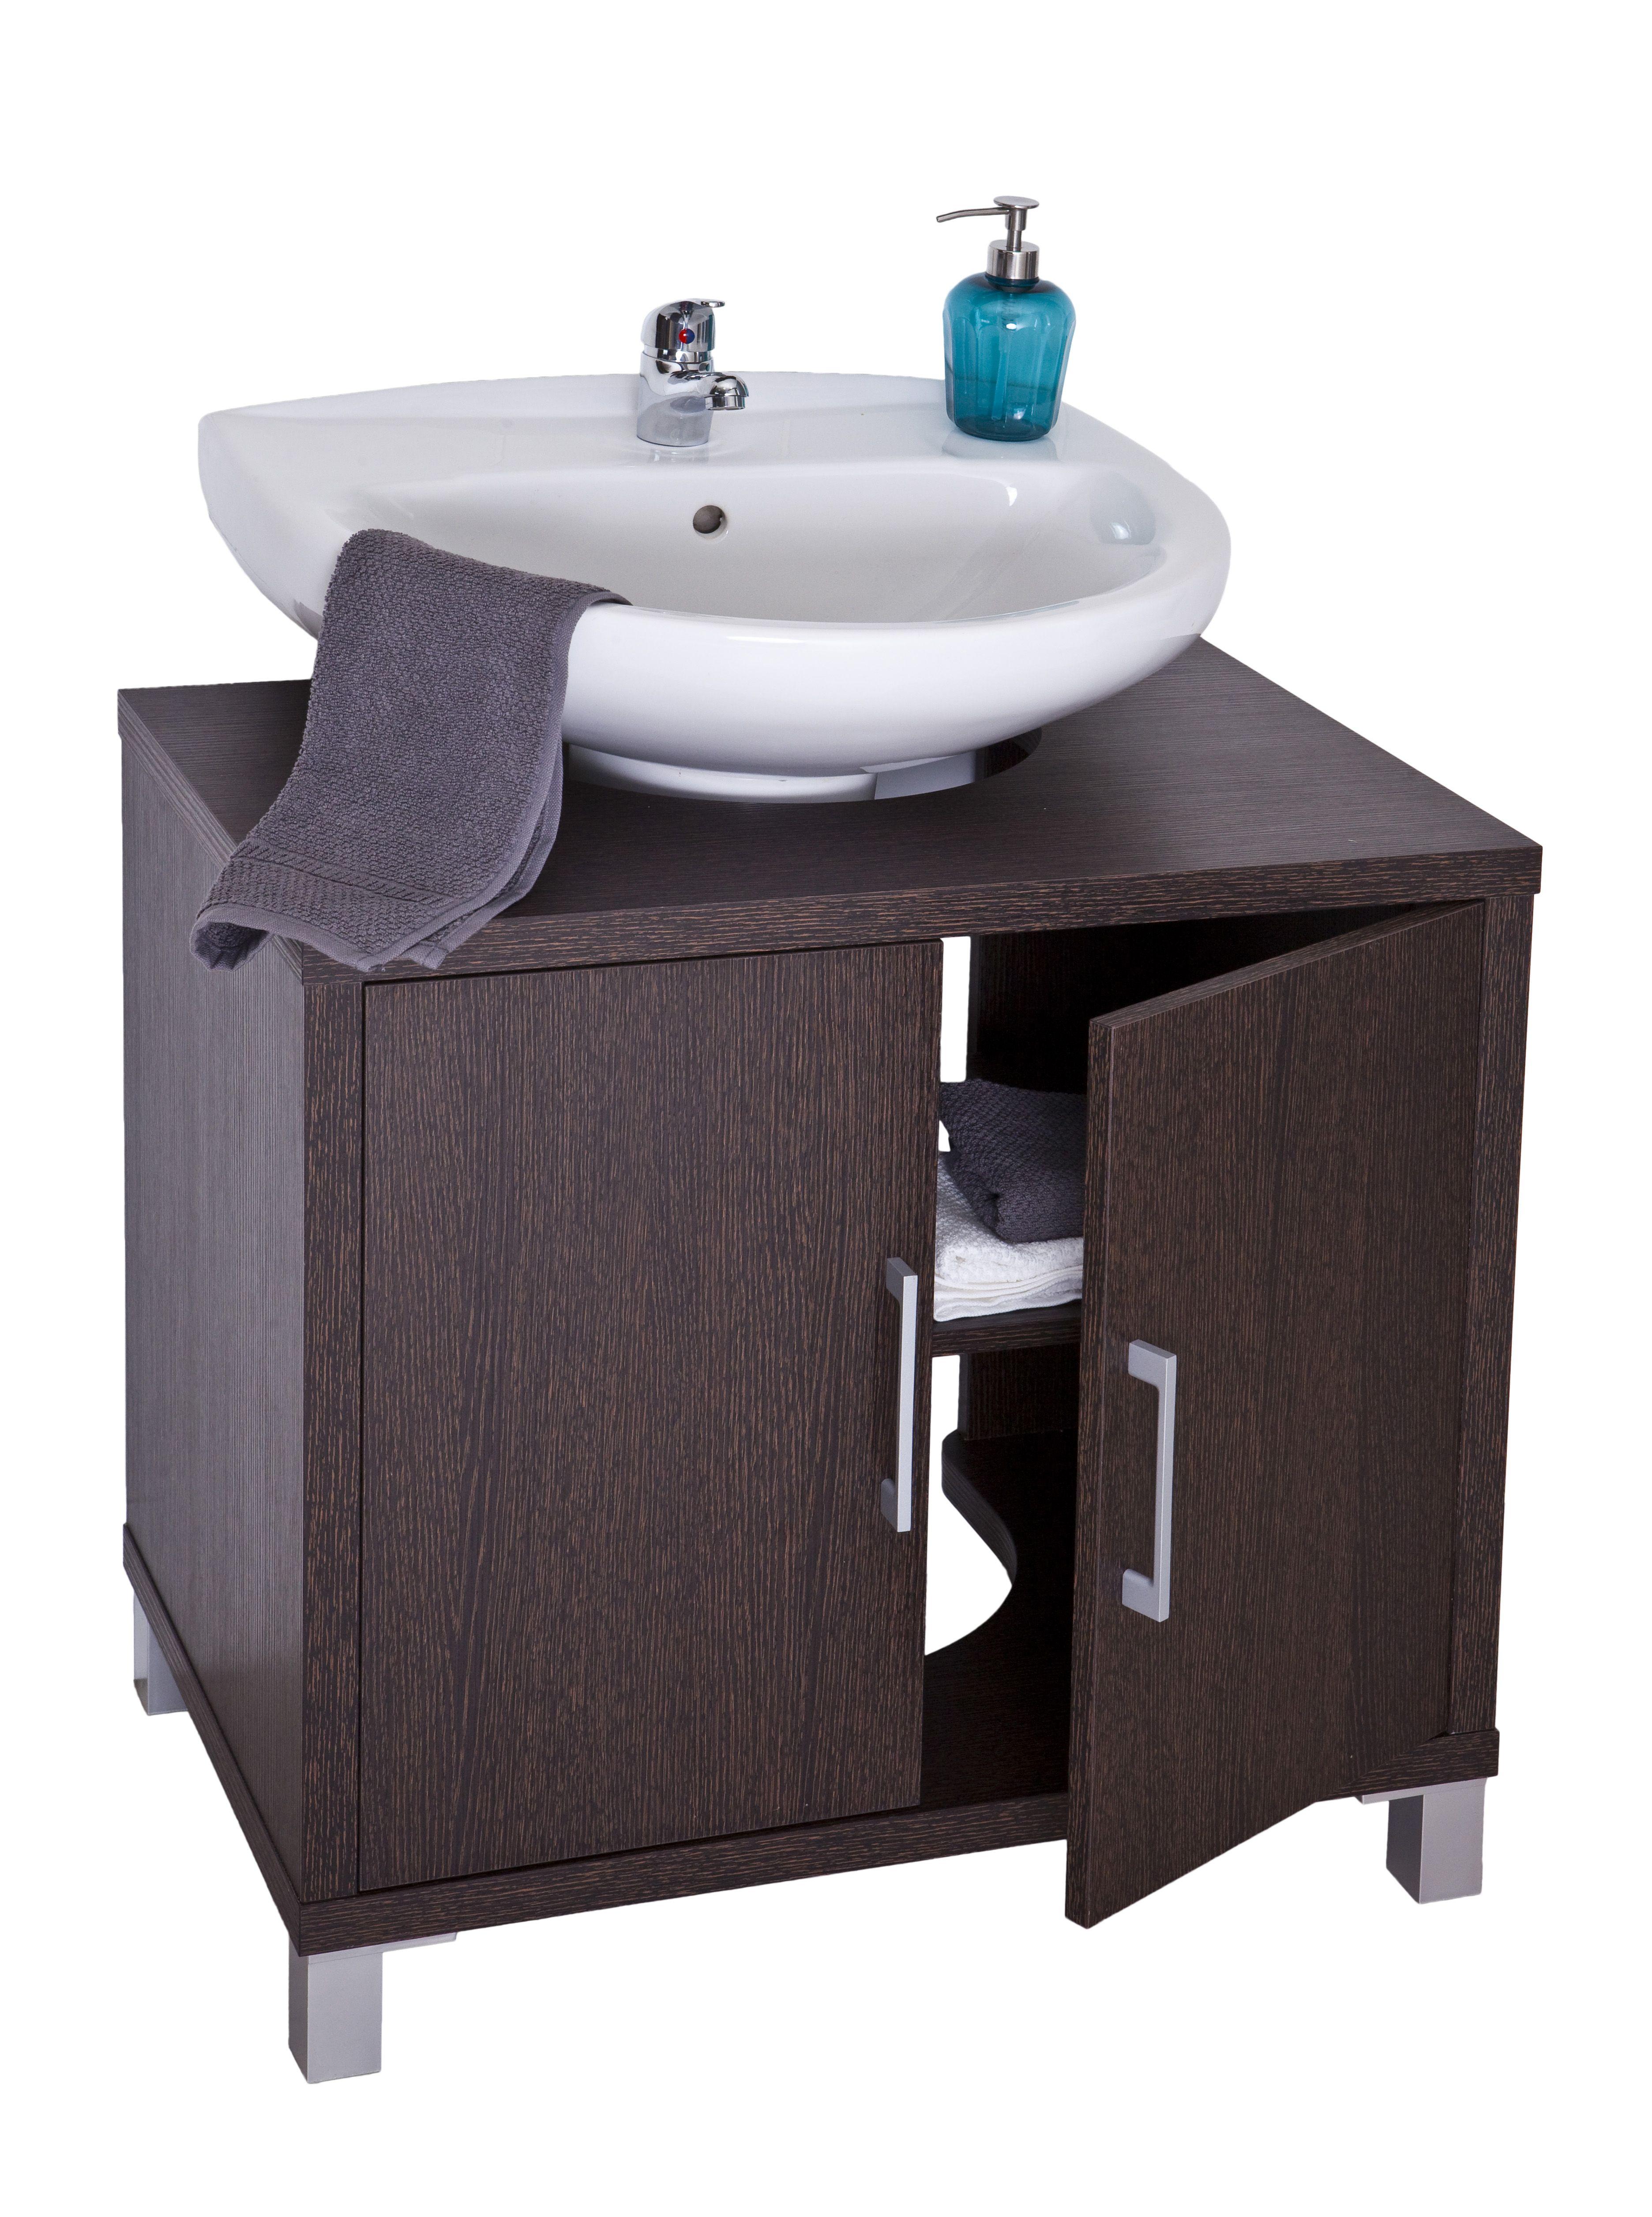 Ikea muebles lavabo tendedero y otros con la misma funcin for Mueble lavabo pedestal ikea